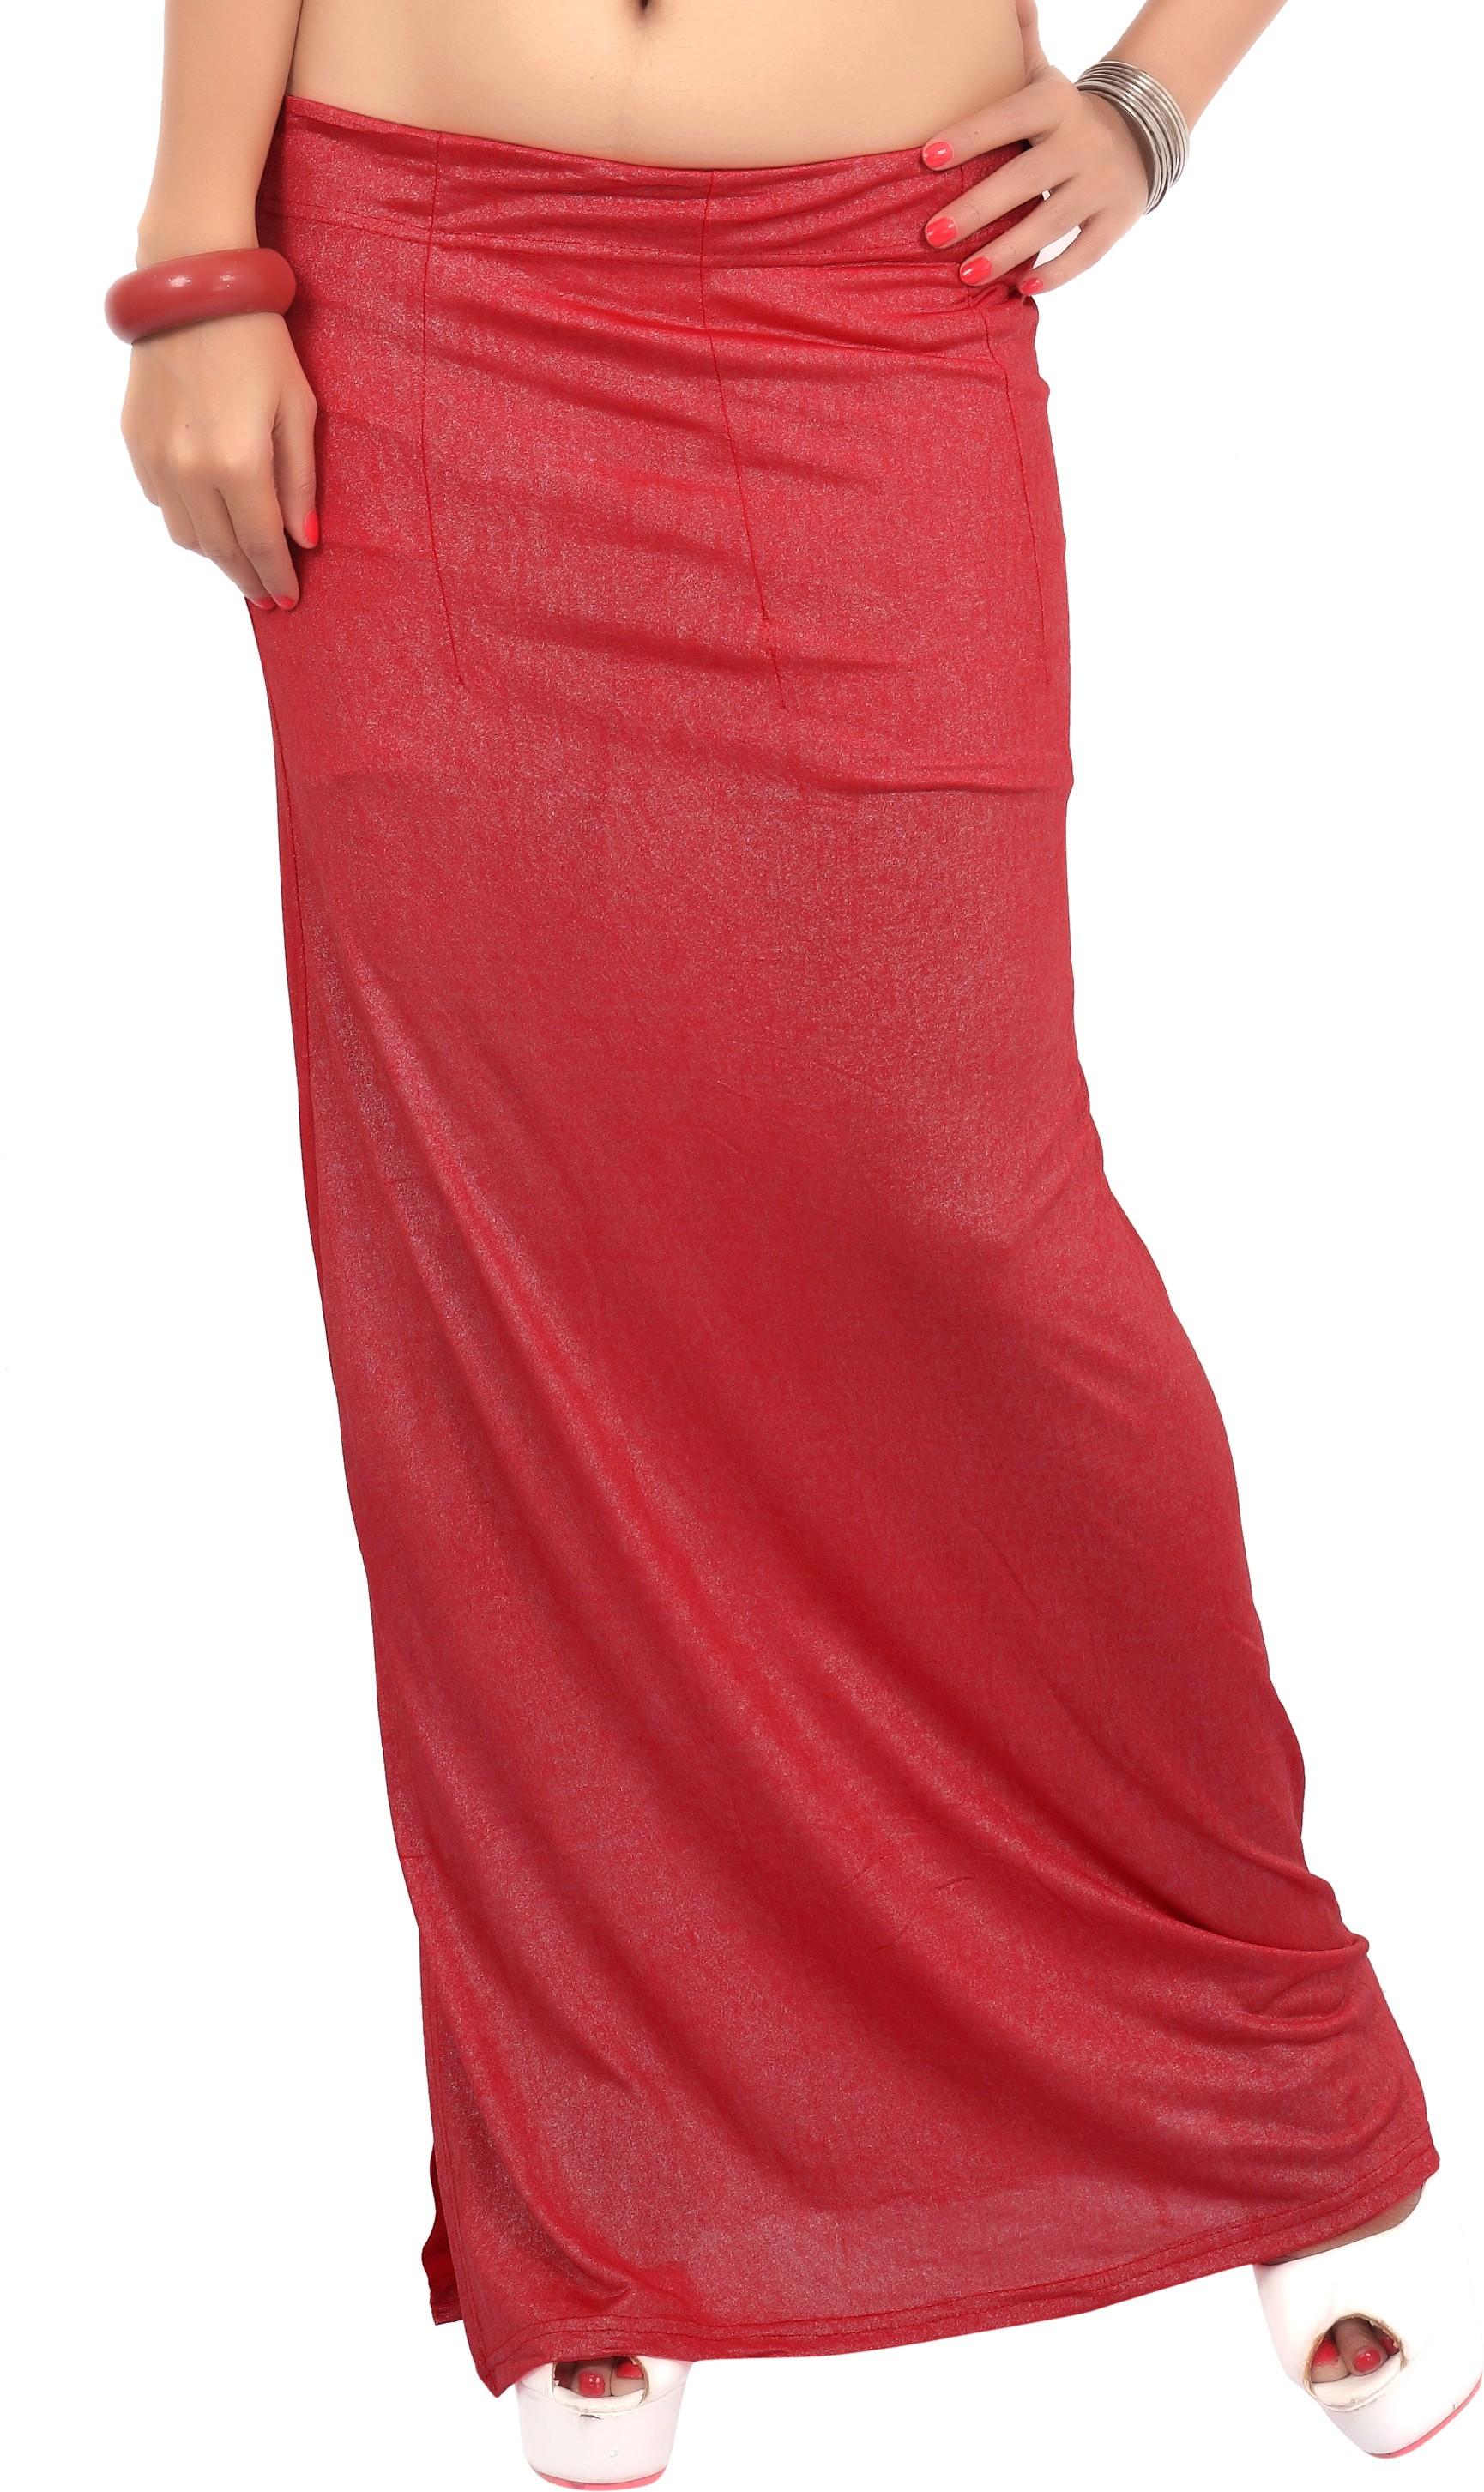 Carrel CARREL-PETTICOAT-104-LIGHT RED Lycra Fugi Foil Petticoat(Medium)